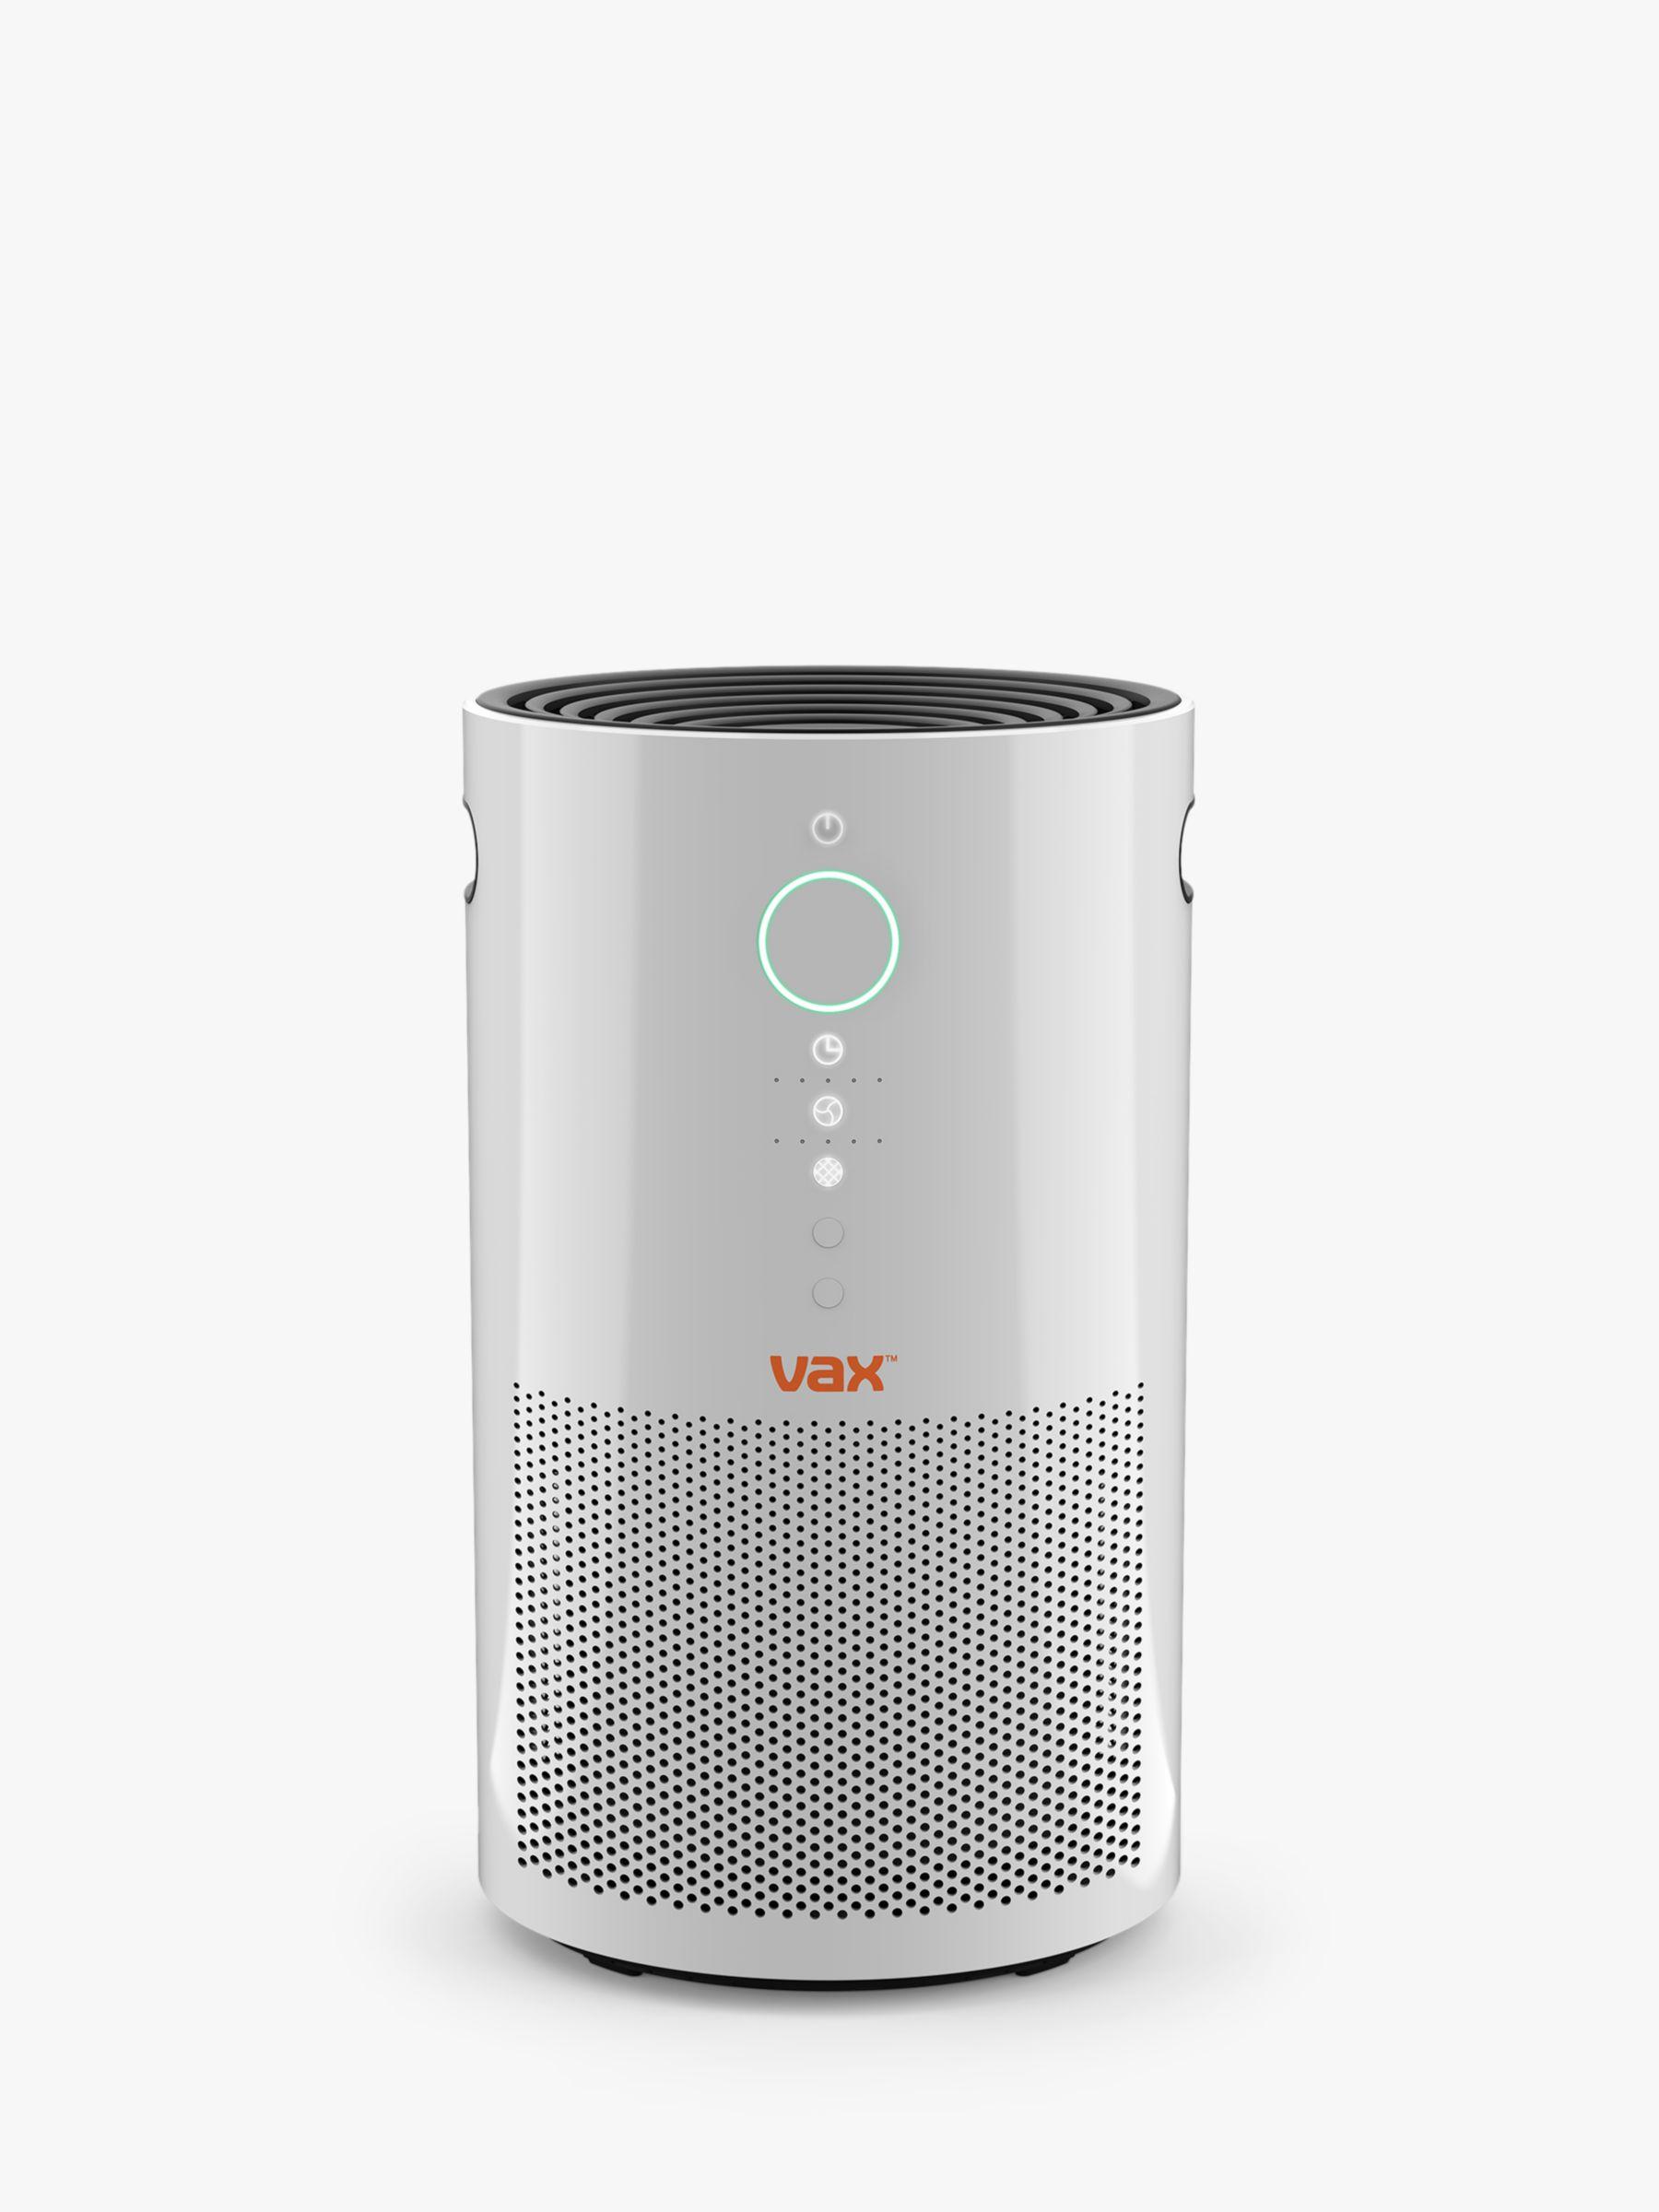 VAX Vax Pure Air 200 Air Purifier, White